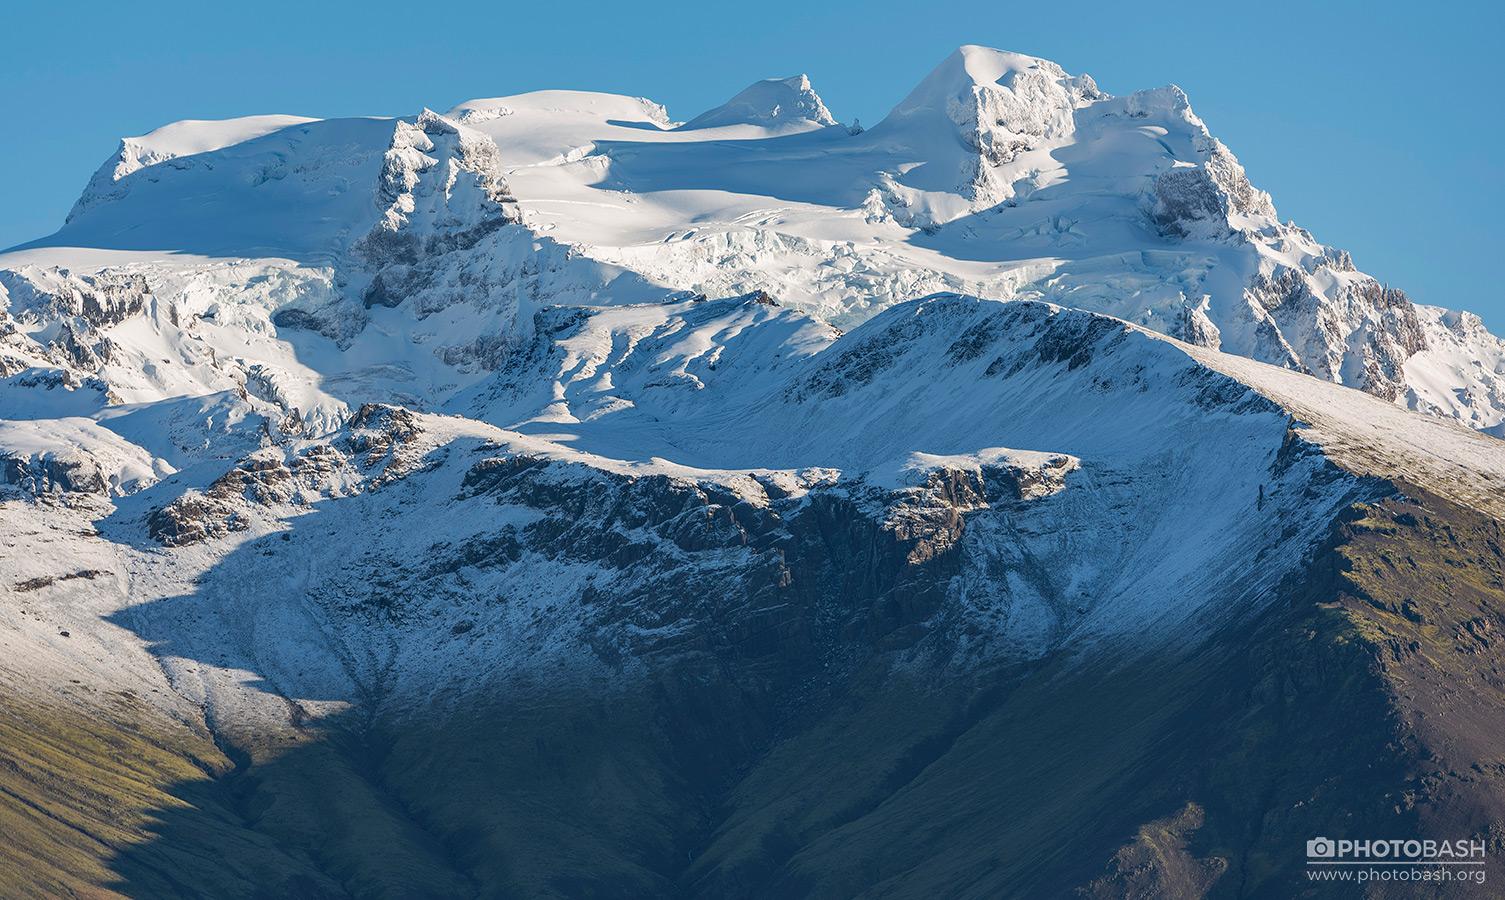 تصاویر رفرنس کوه های ایسلند